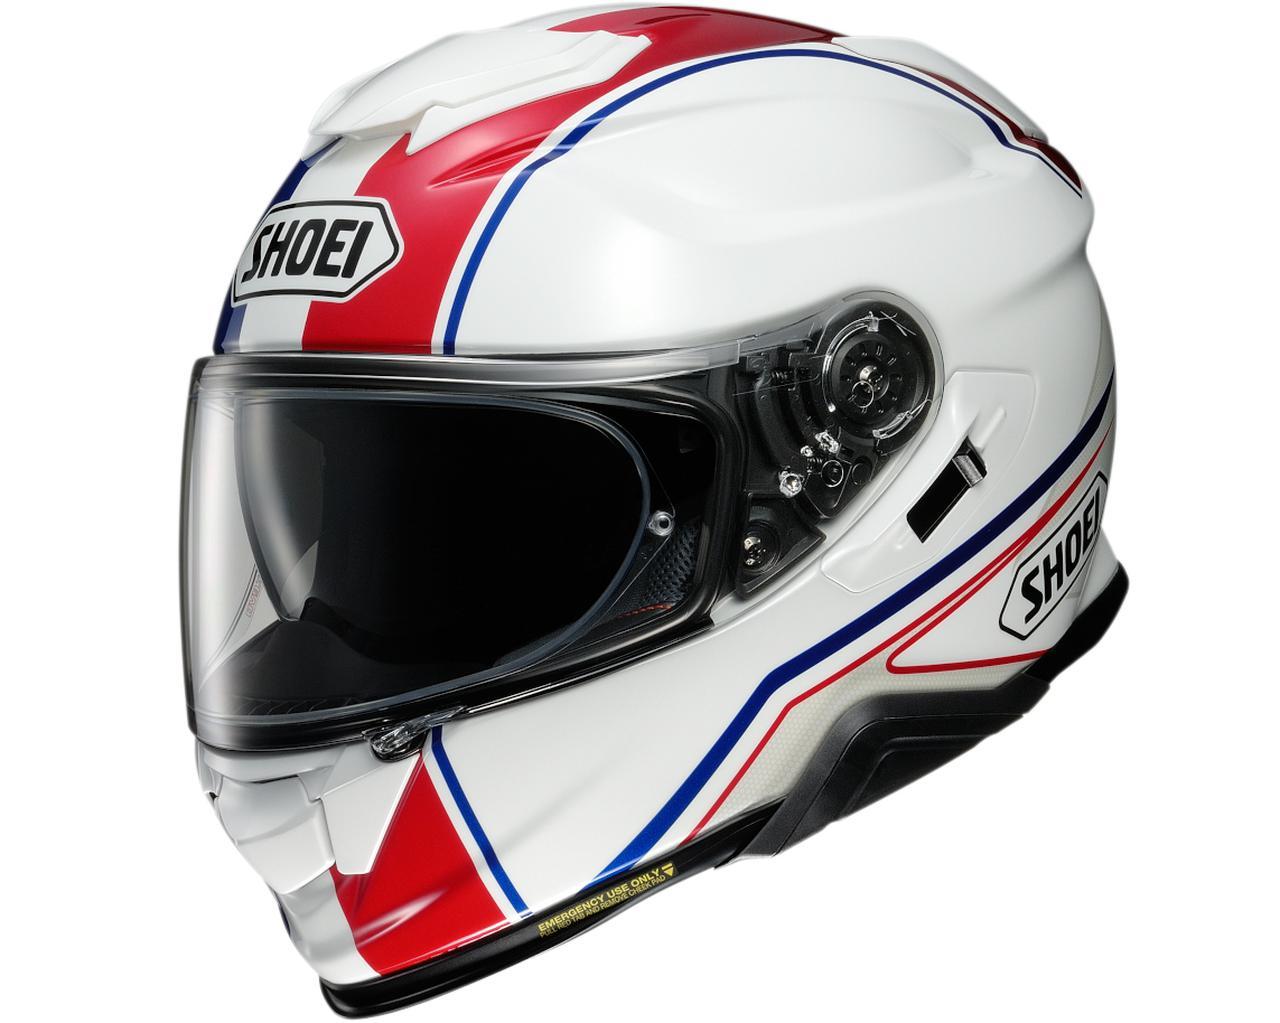 画像5: 【SHOEI】インナーサンバイザー付きフルフェイスヘルメット「GT-AirII」の新グラフィックモデル〈パノラマ〉が登場!